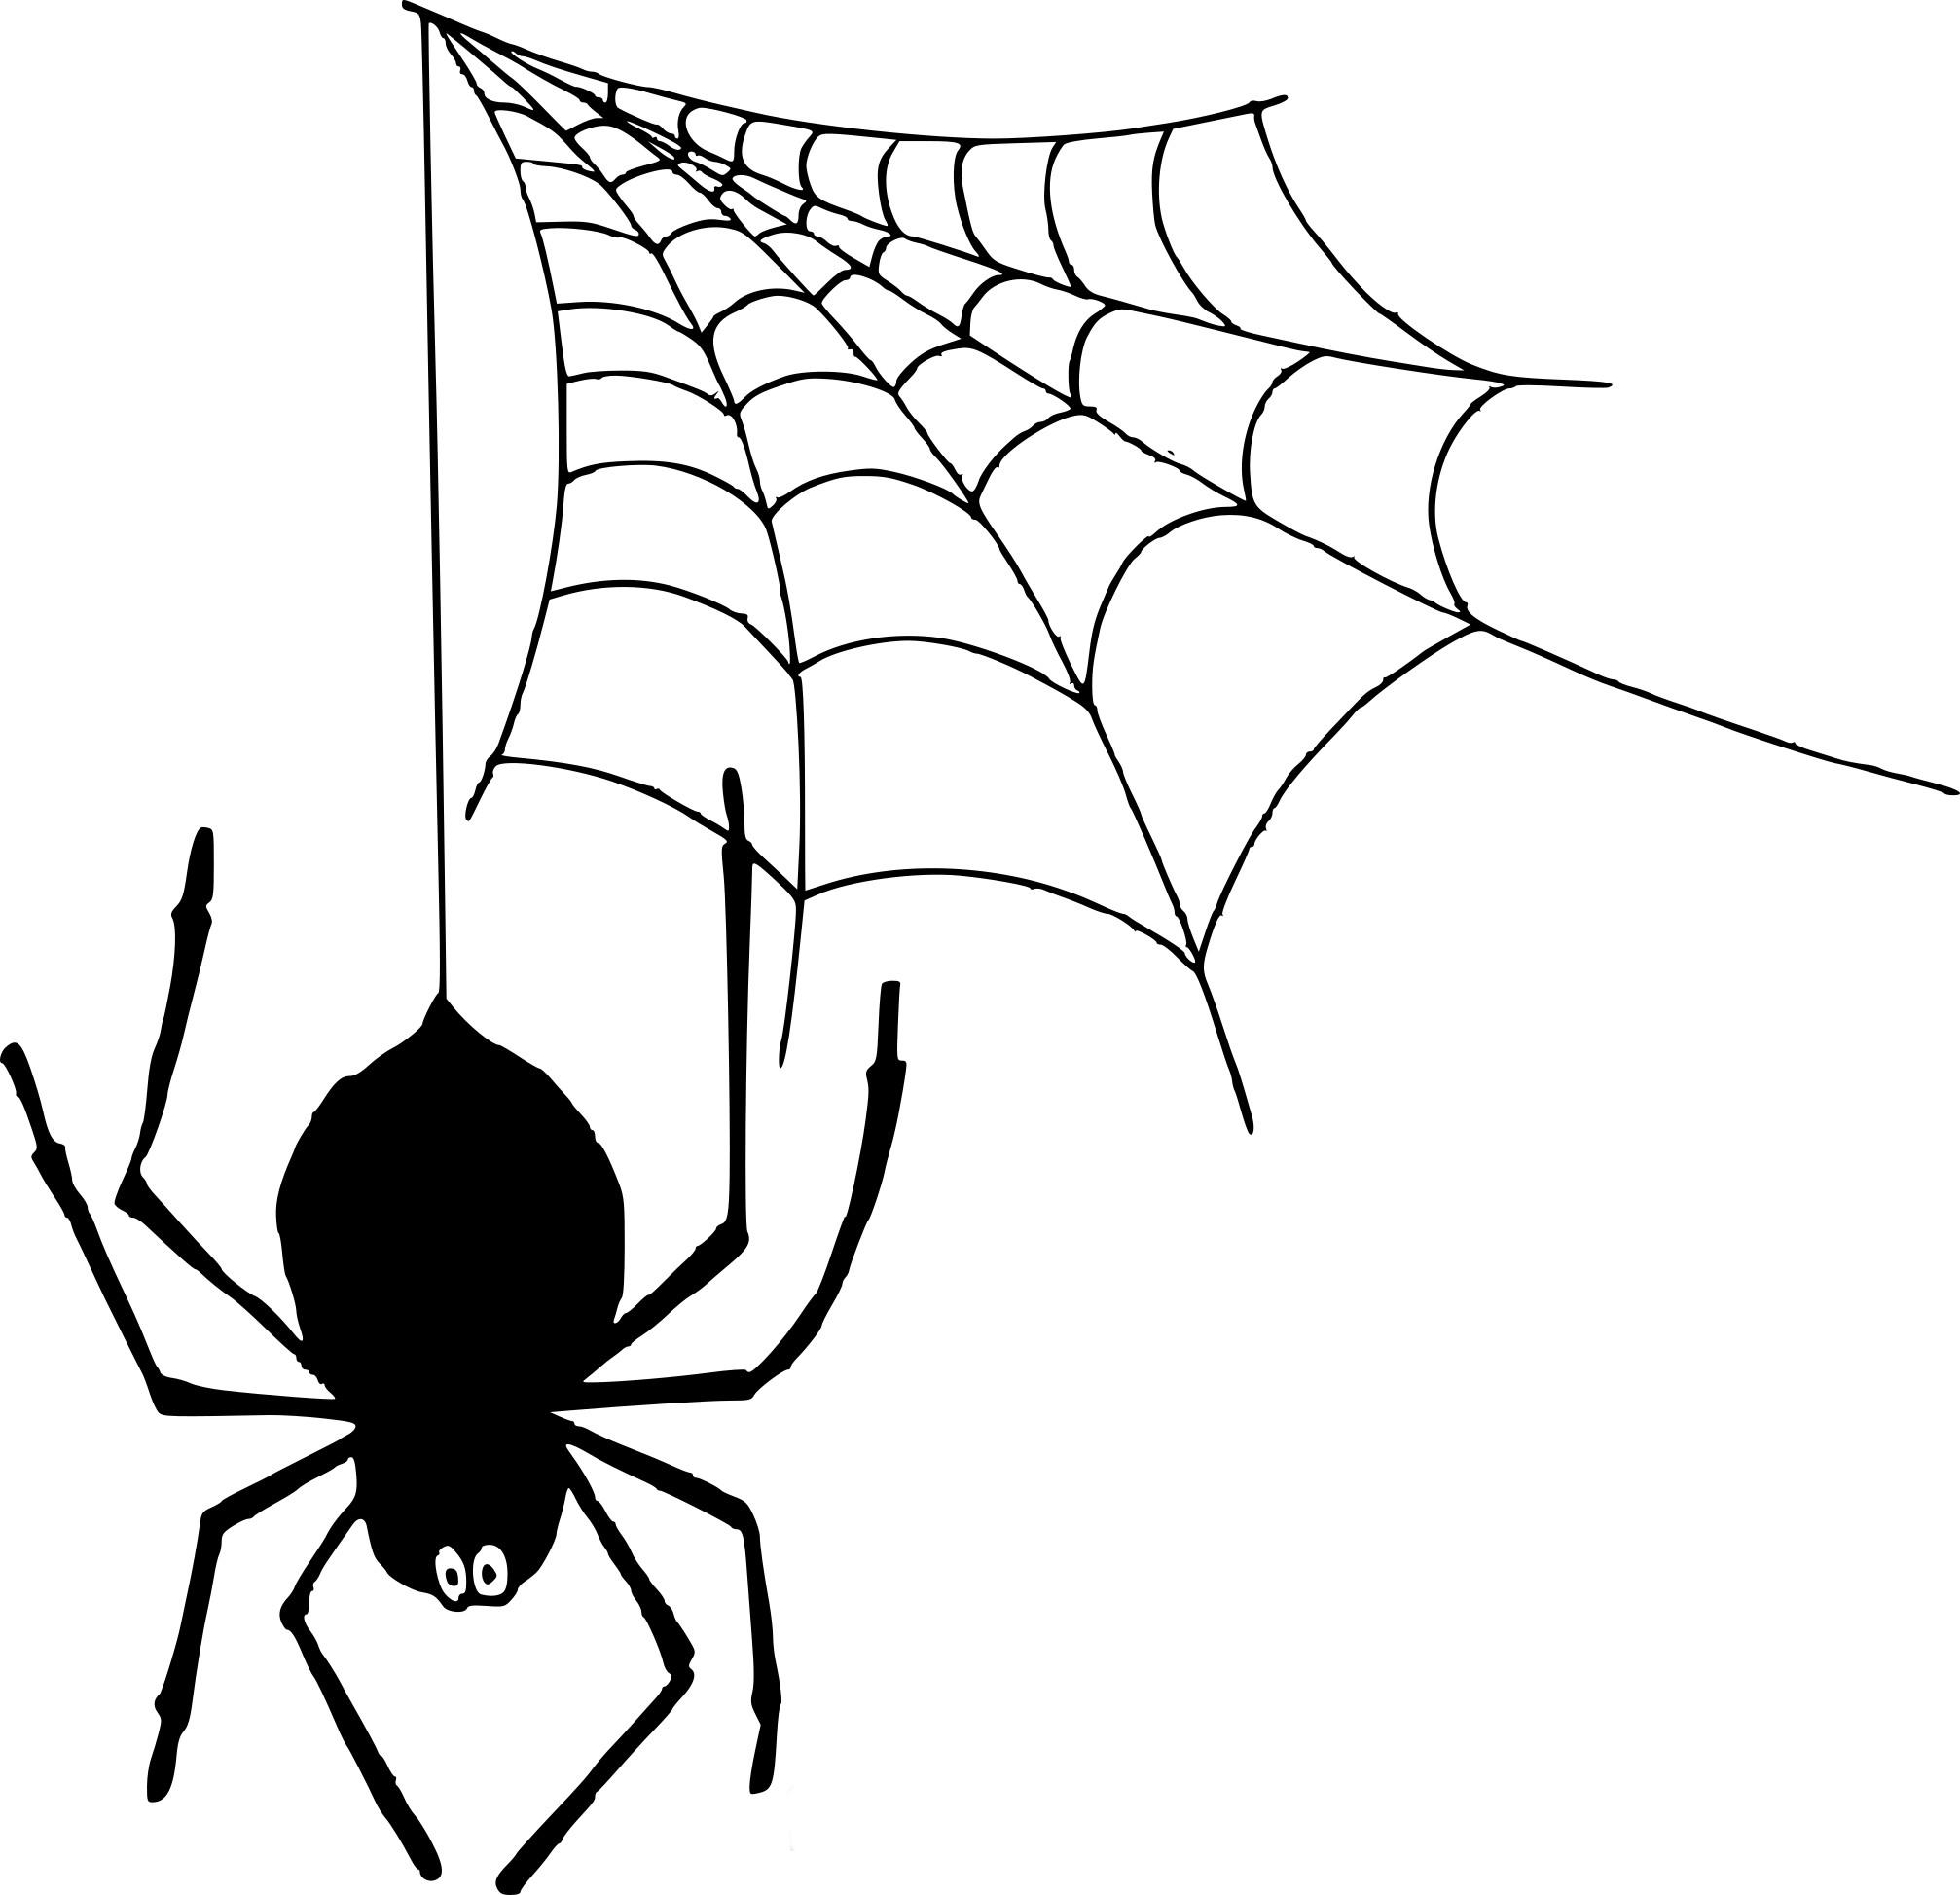 Coloriage Araignée Toile À Imprimer Sur Coloriages pour Dessin Toile Araignée